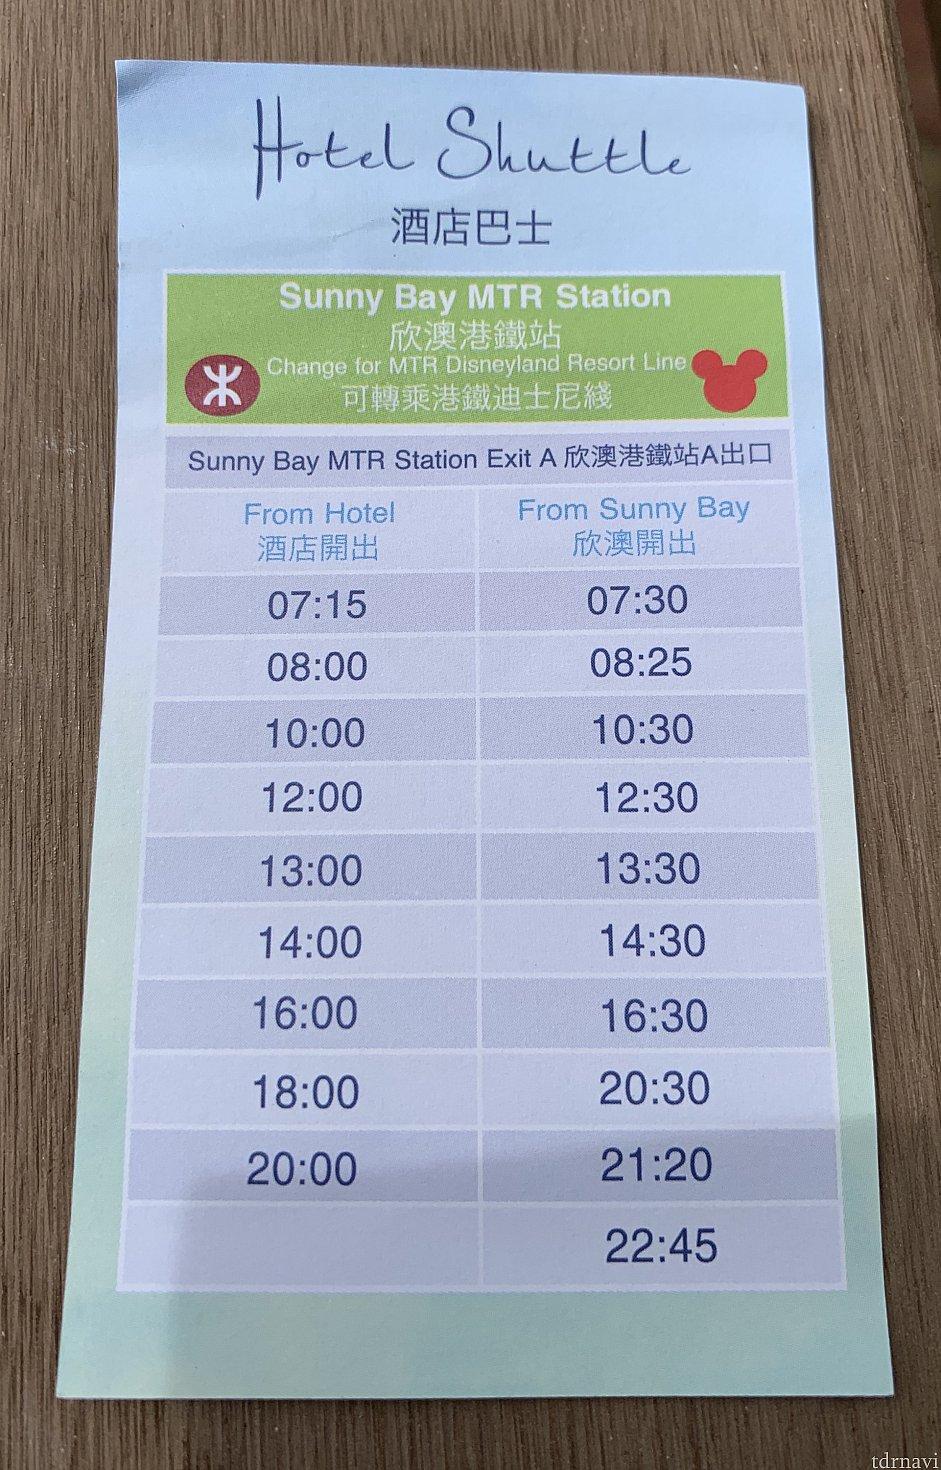 シャトルバスの運行表です。 以外と少ないので注意してください。 こちらは予約不要とのこと。